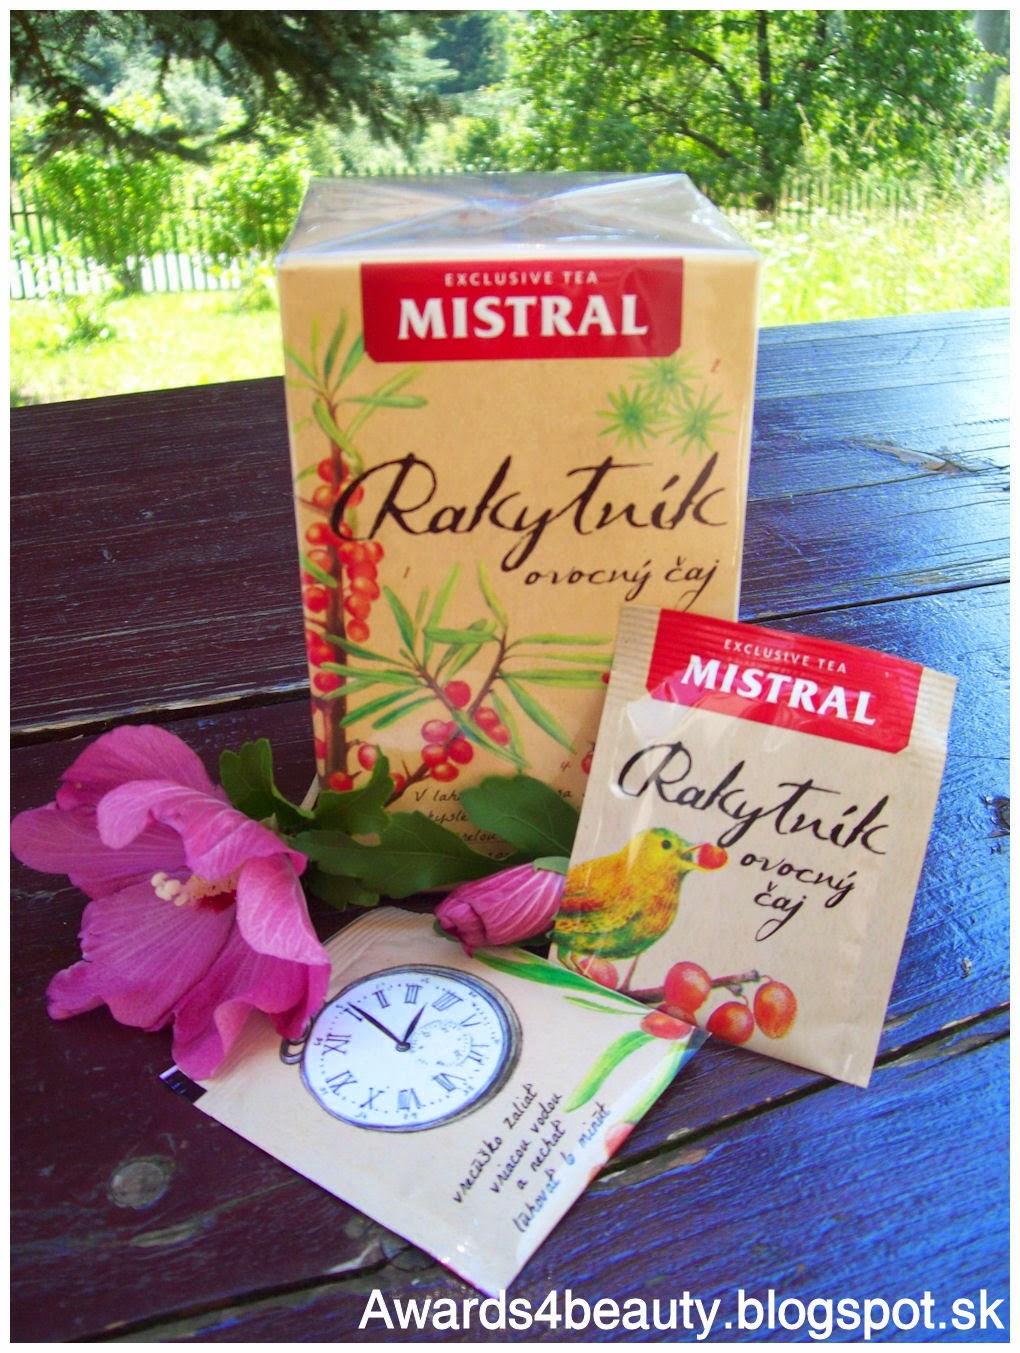 Ovocný čaj Mistral z rakytníka v krásnom obale s kreslenými detailami.